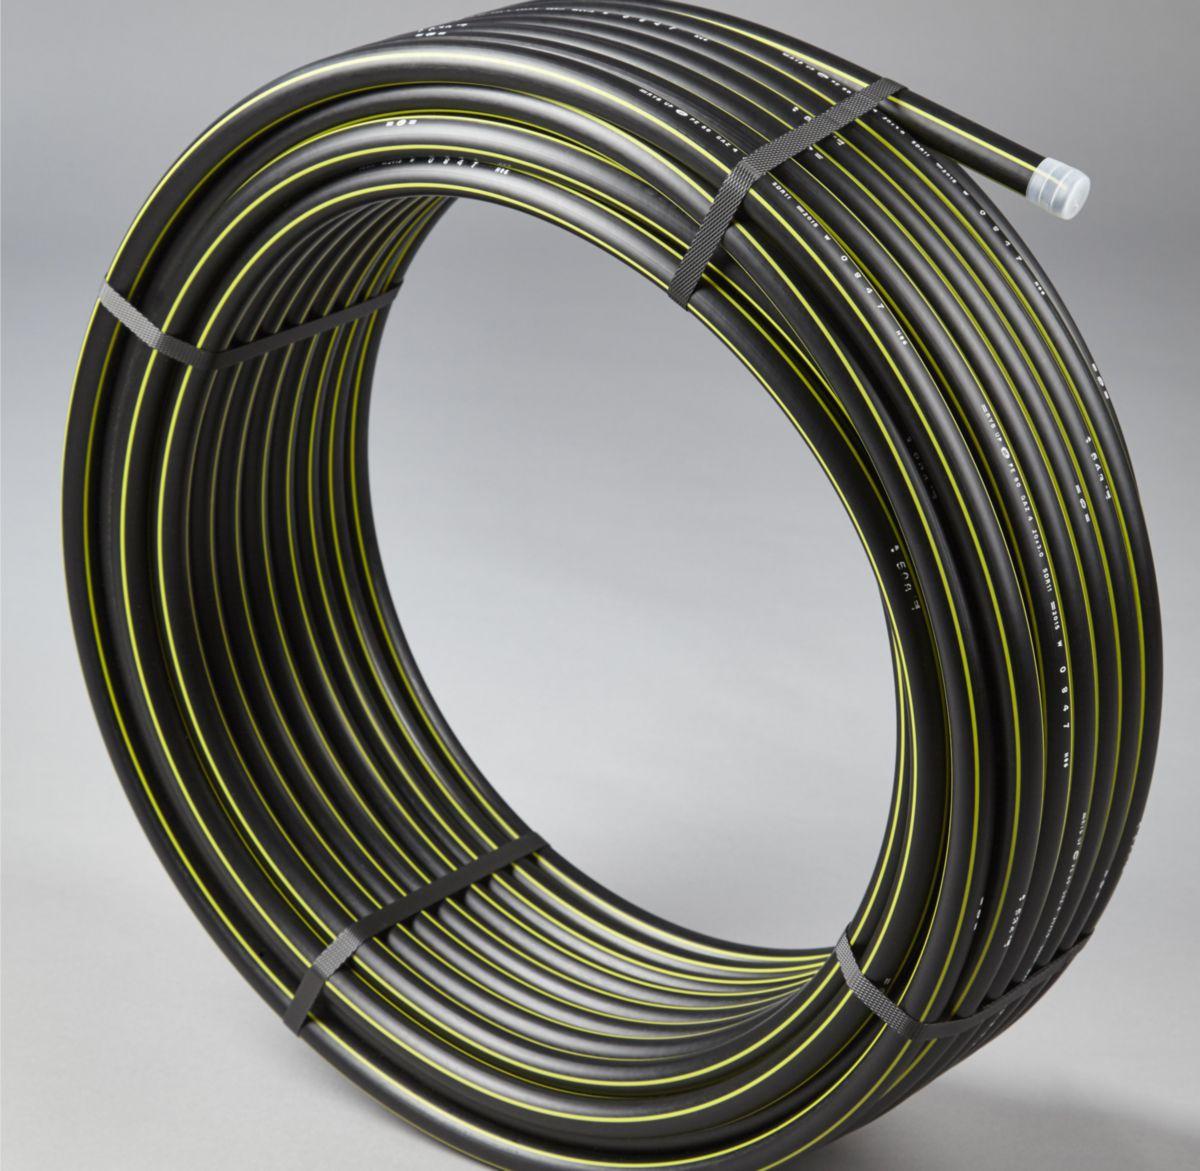 Tuyau en PEHD pour gaz norme Française Groupe 1 diamètre 40mm couronne de _50m réf. GAZ8010064C